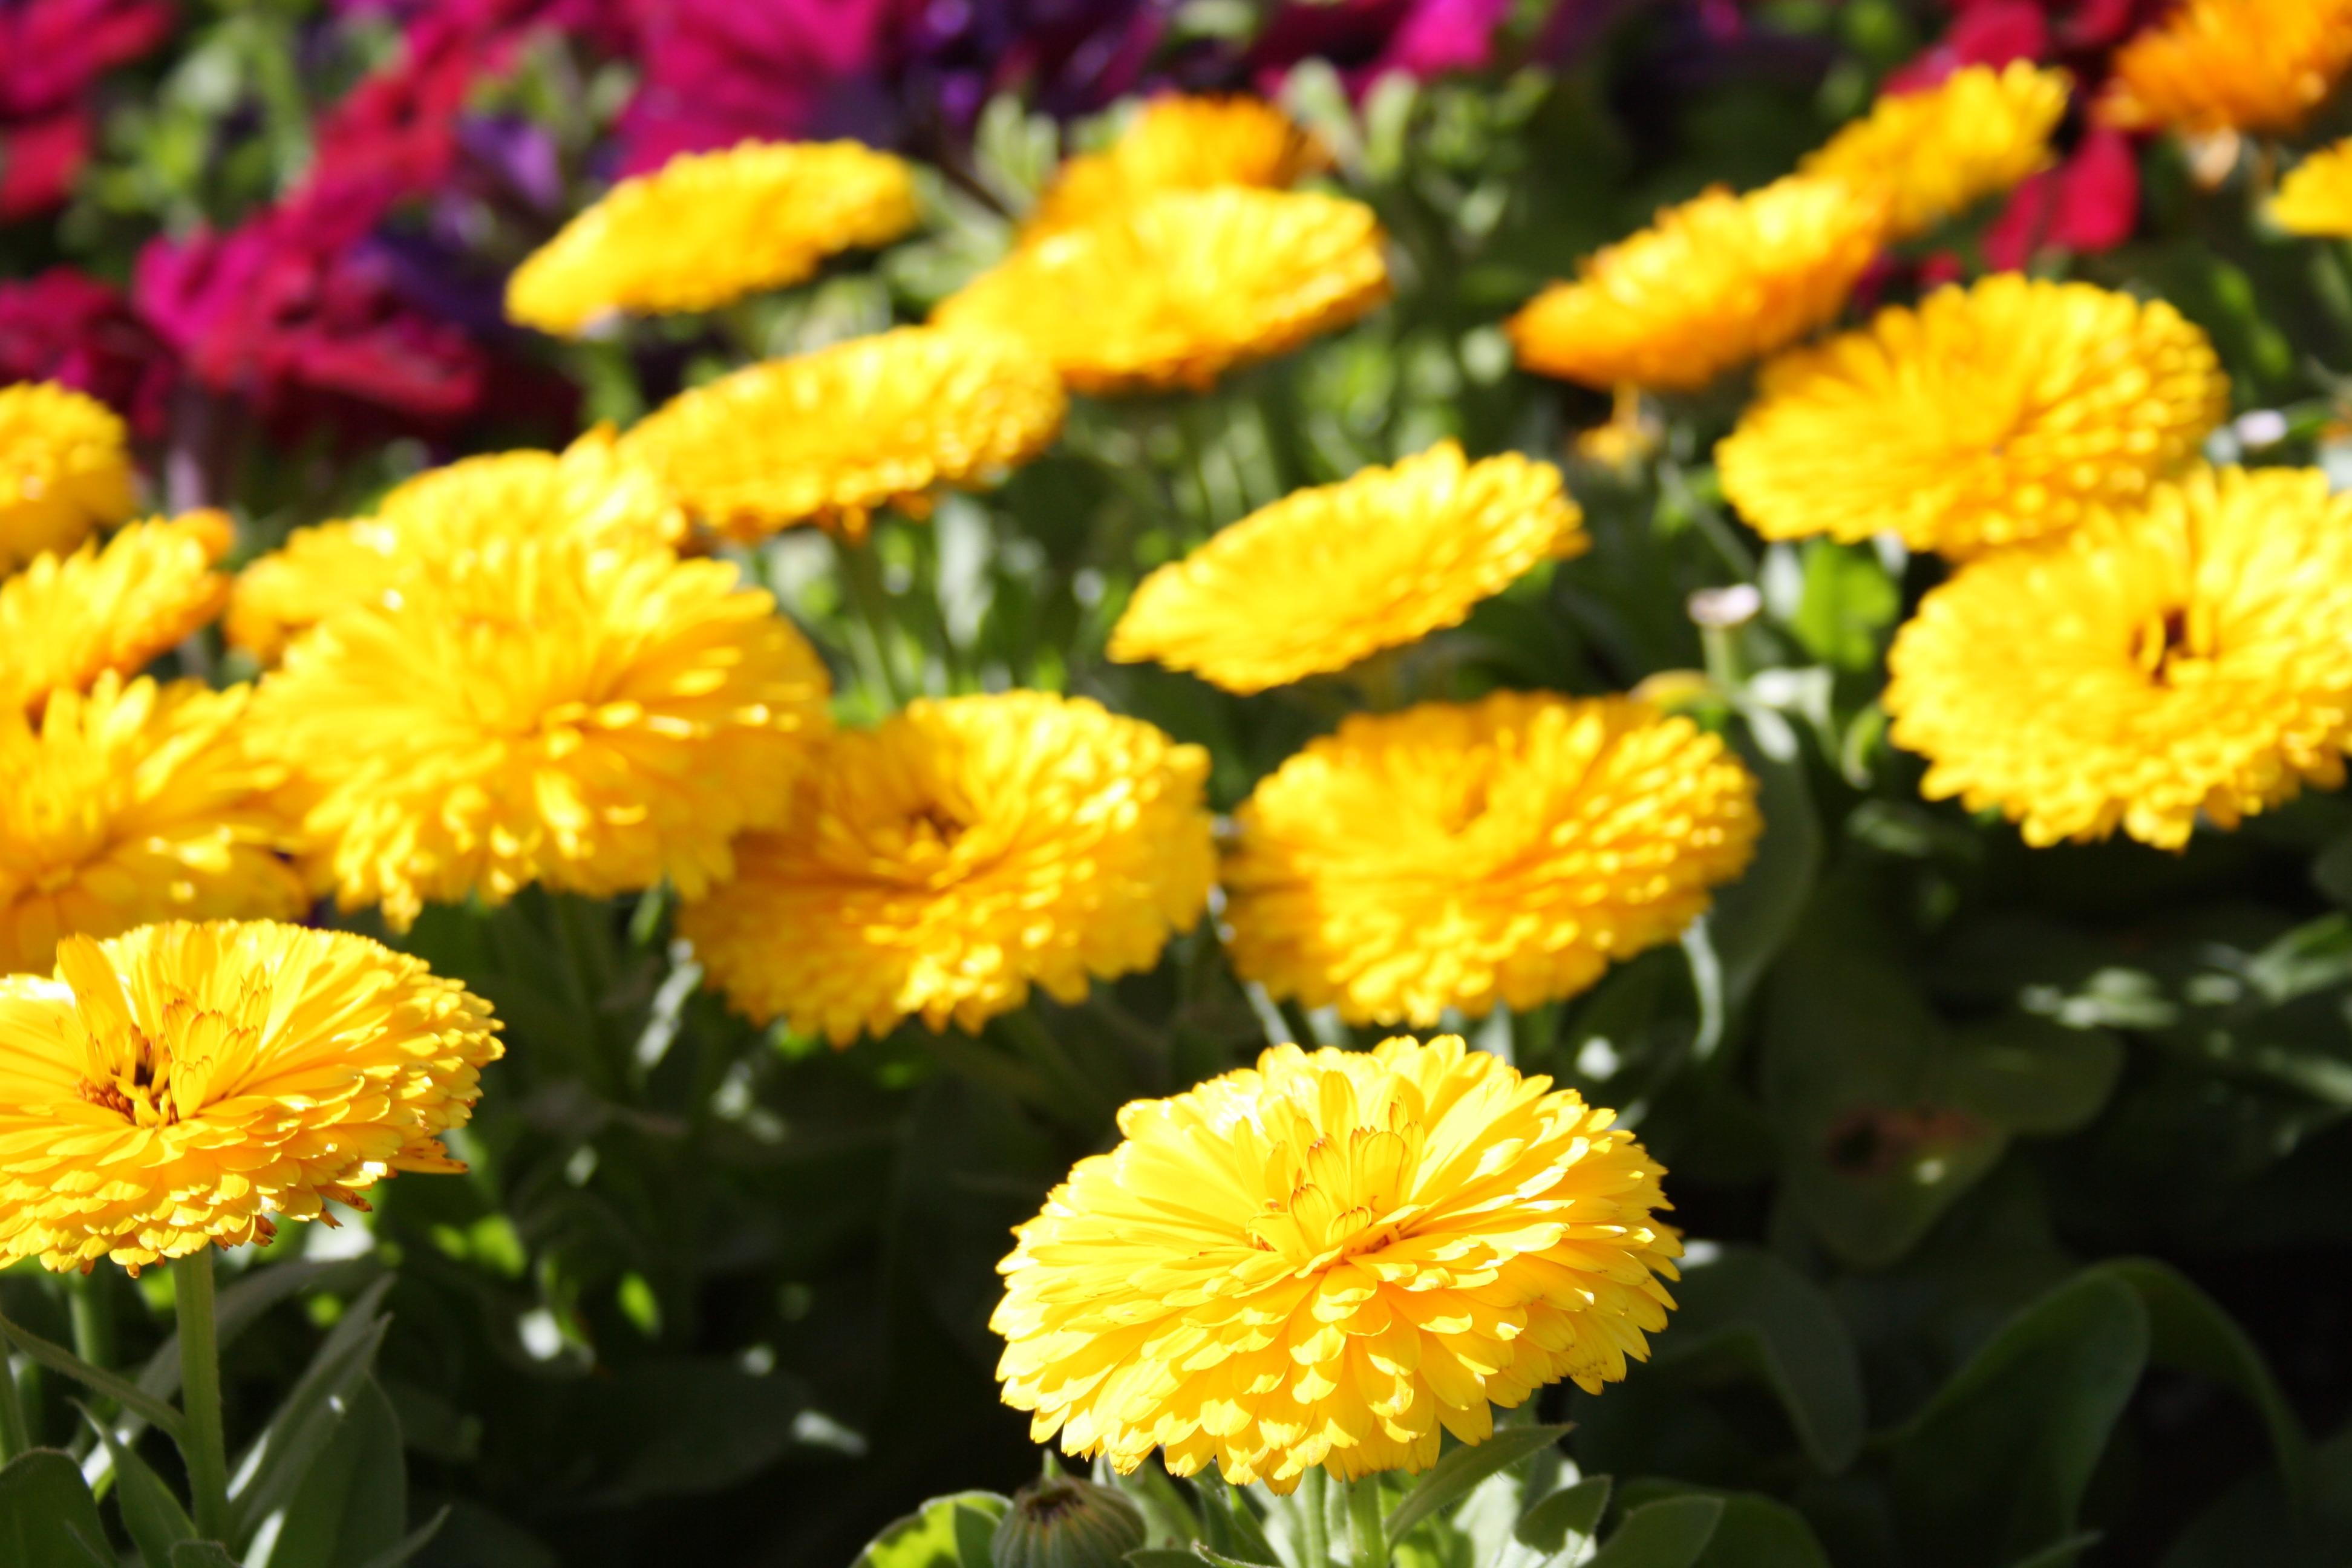 Free Images Blossom Stem Leaf Petal Bloom Floral Environment